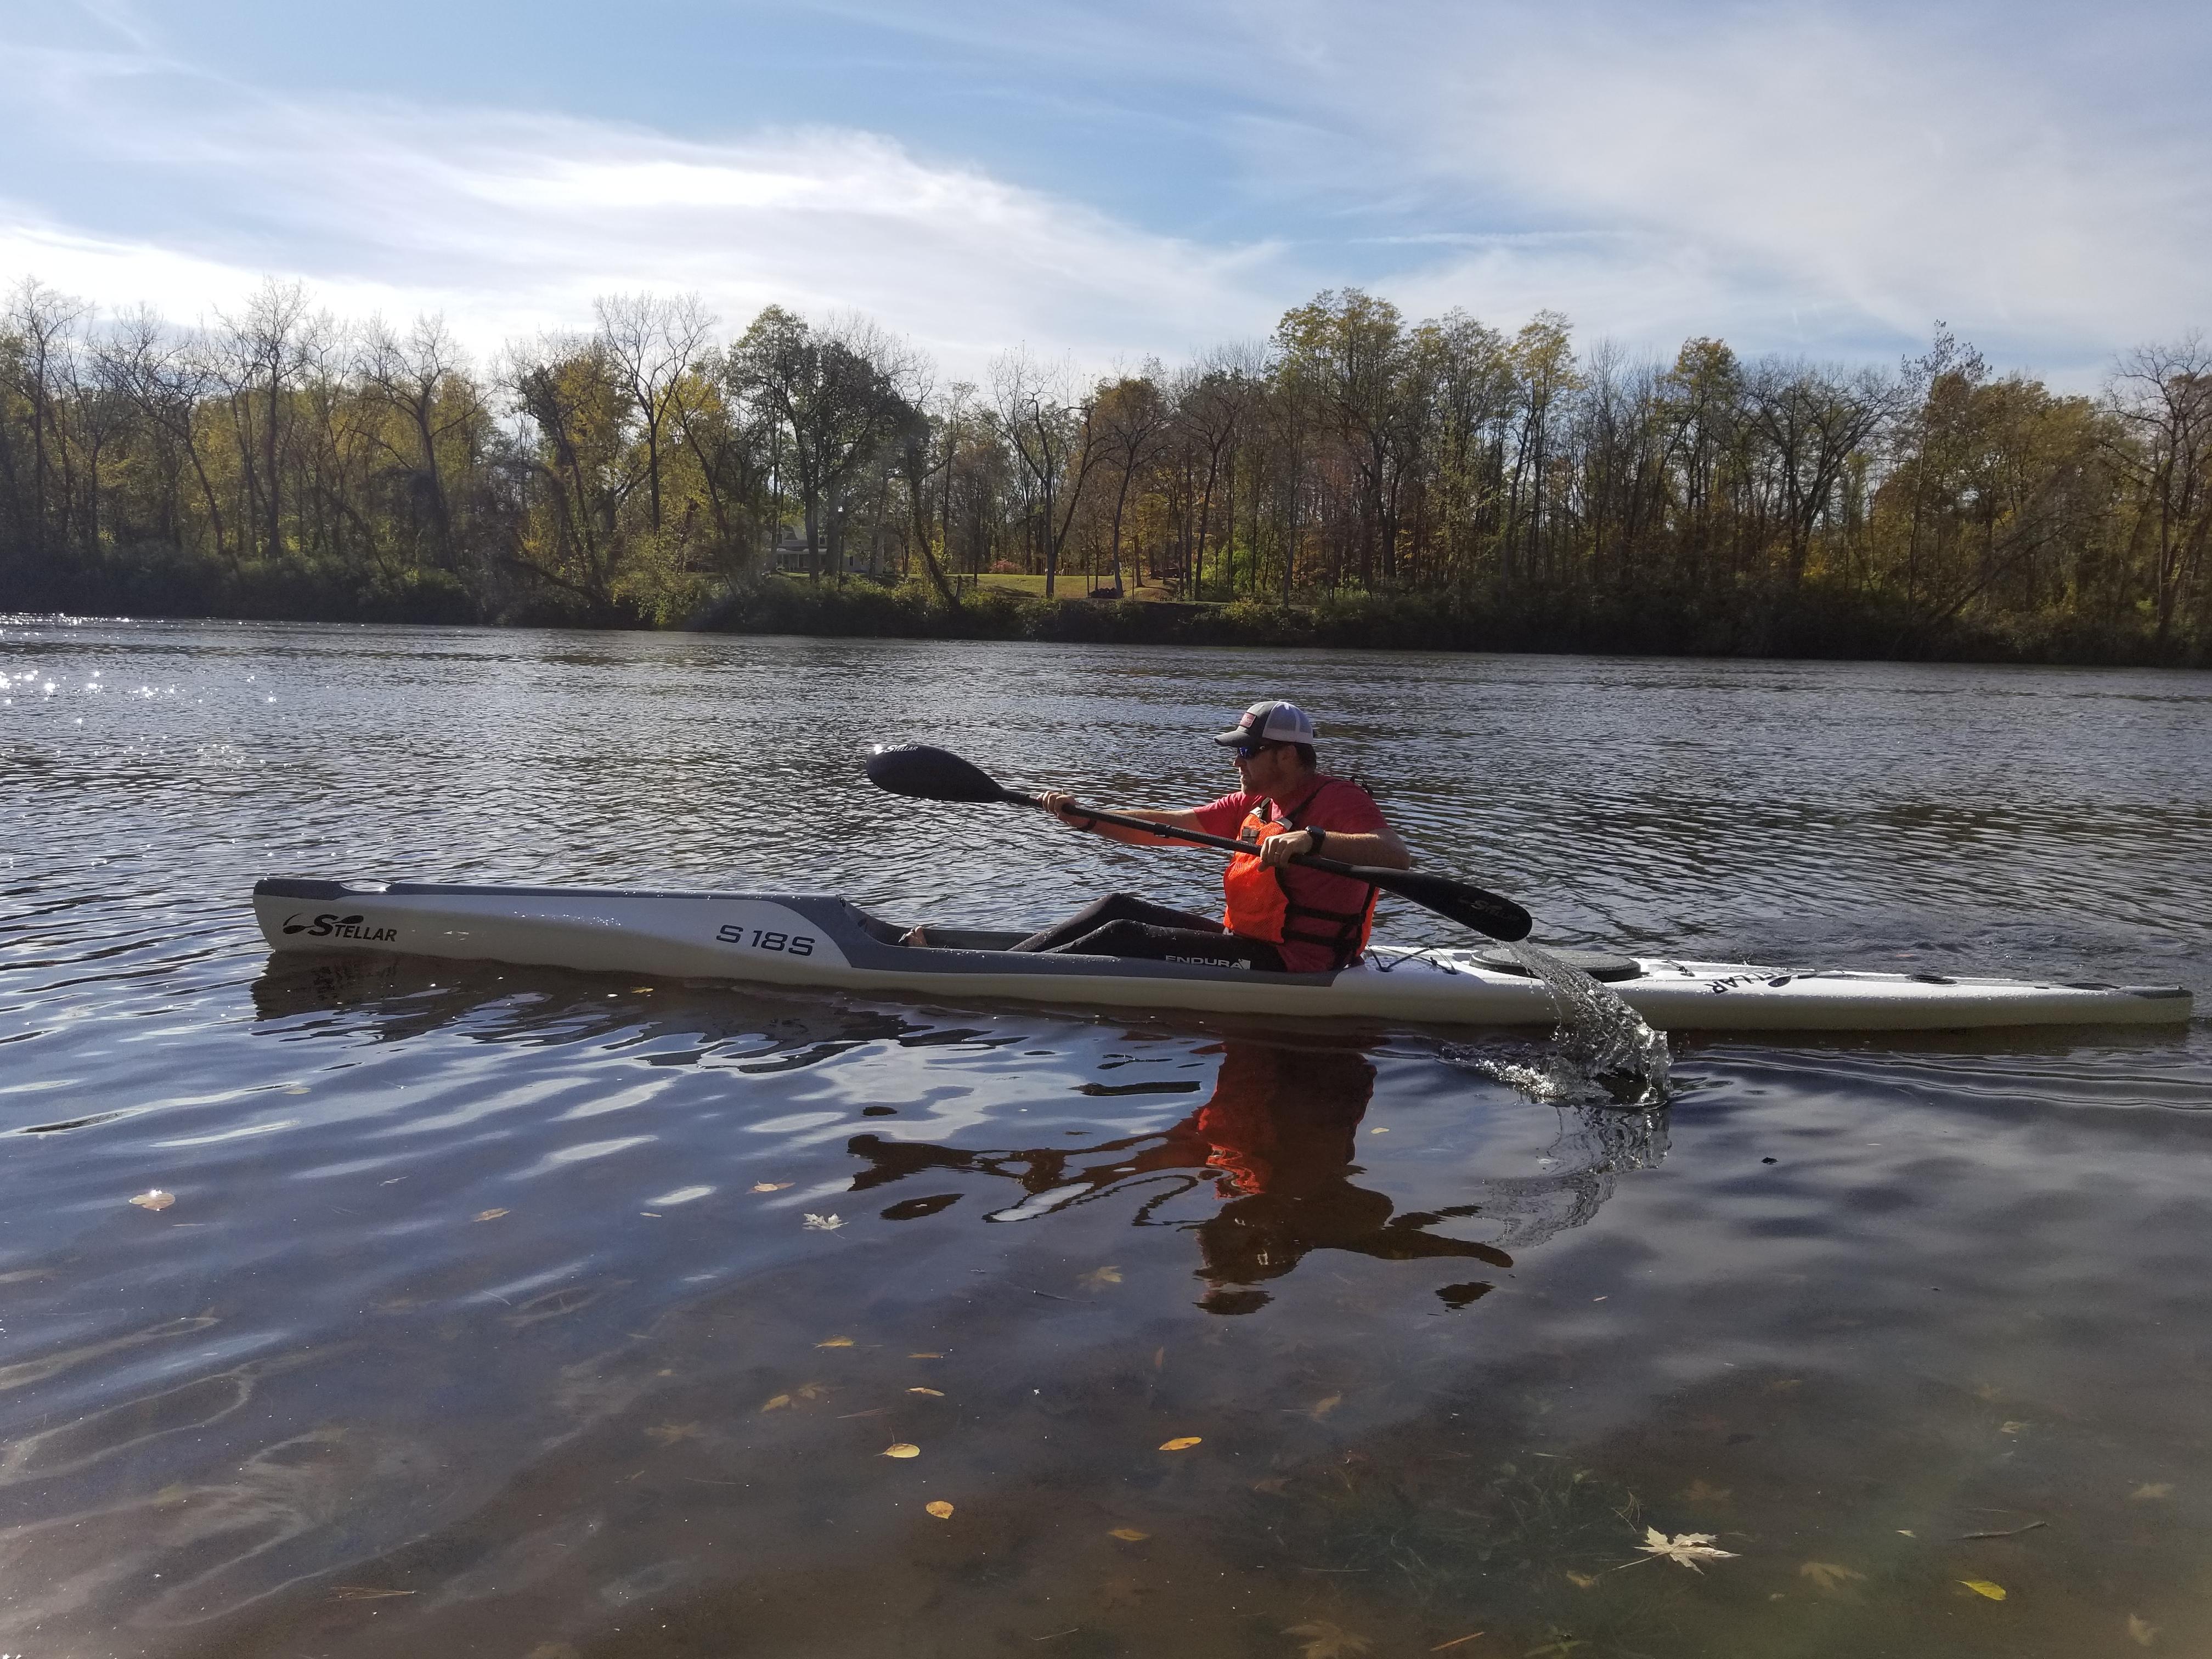 Kayaks: S18S by Stellar Kayaks - Image 2983